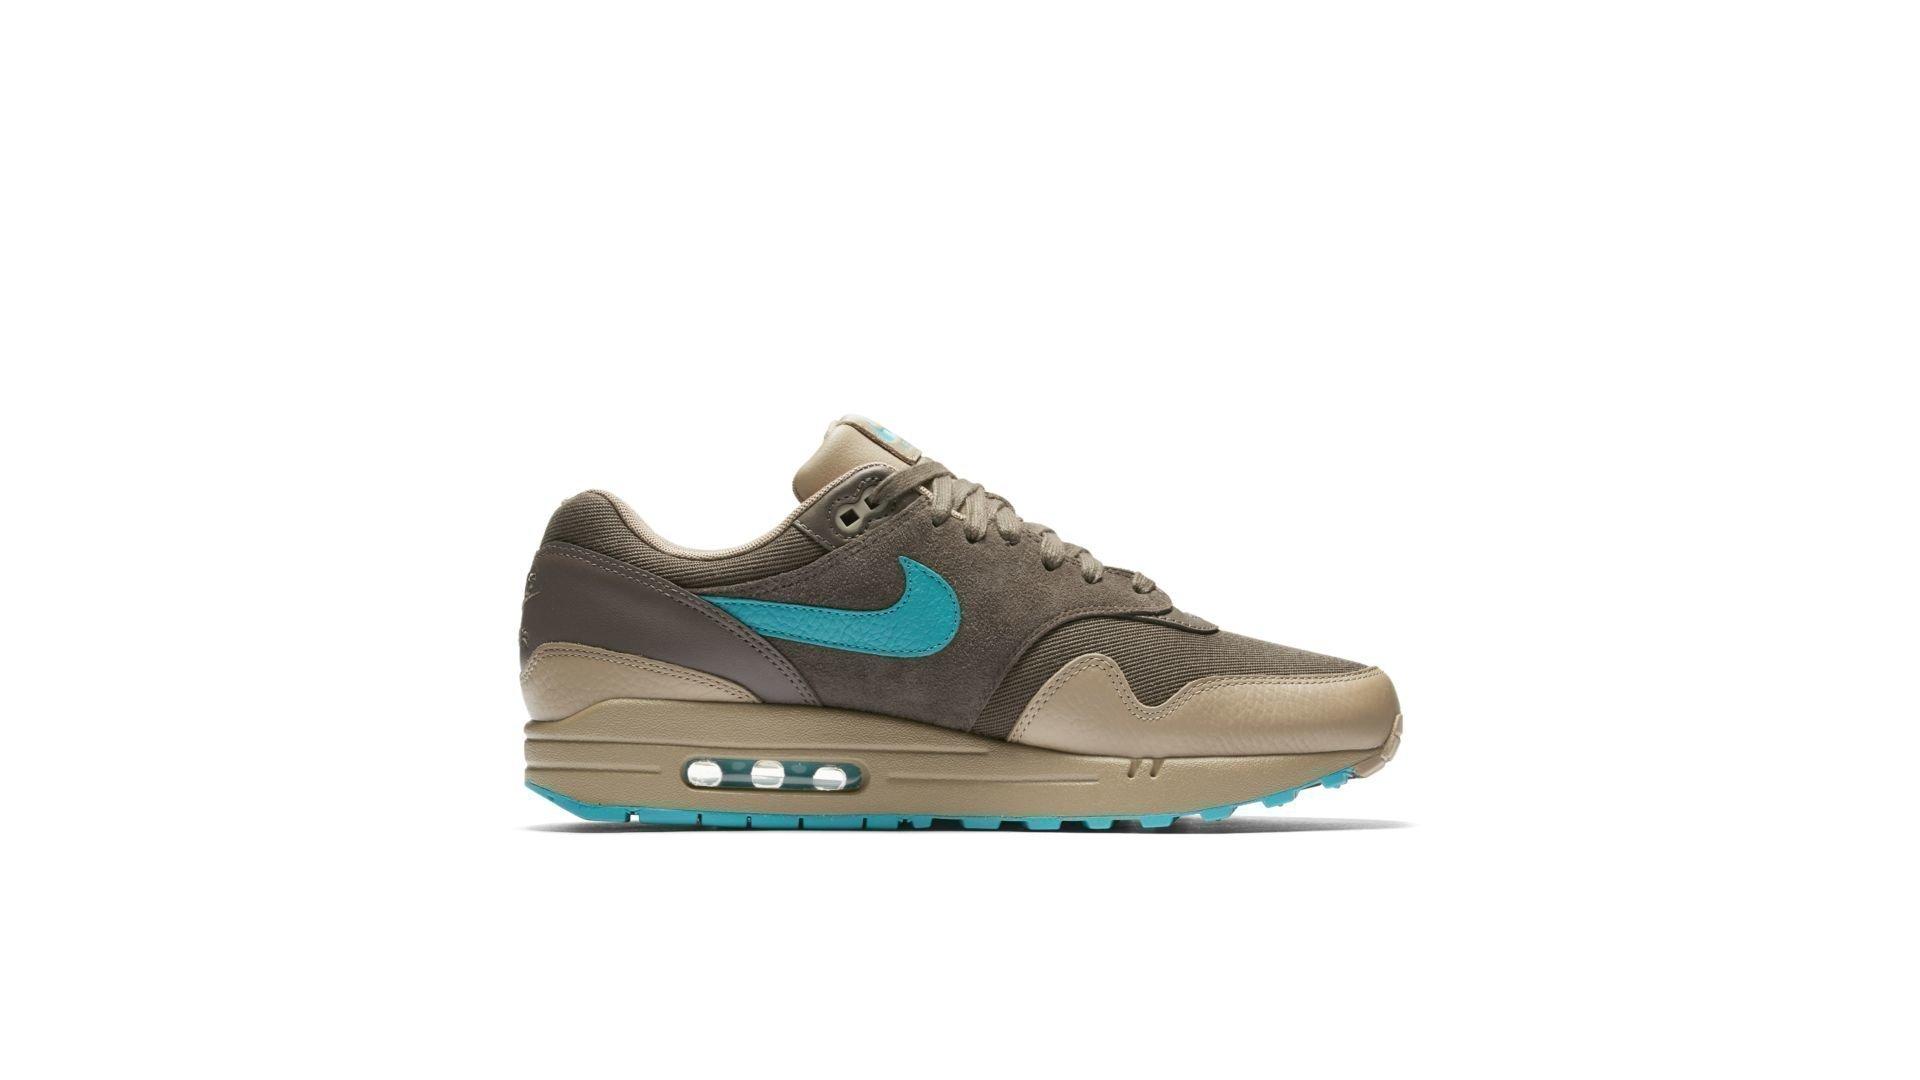 Nike Air Max 1 Premium 875844-200